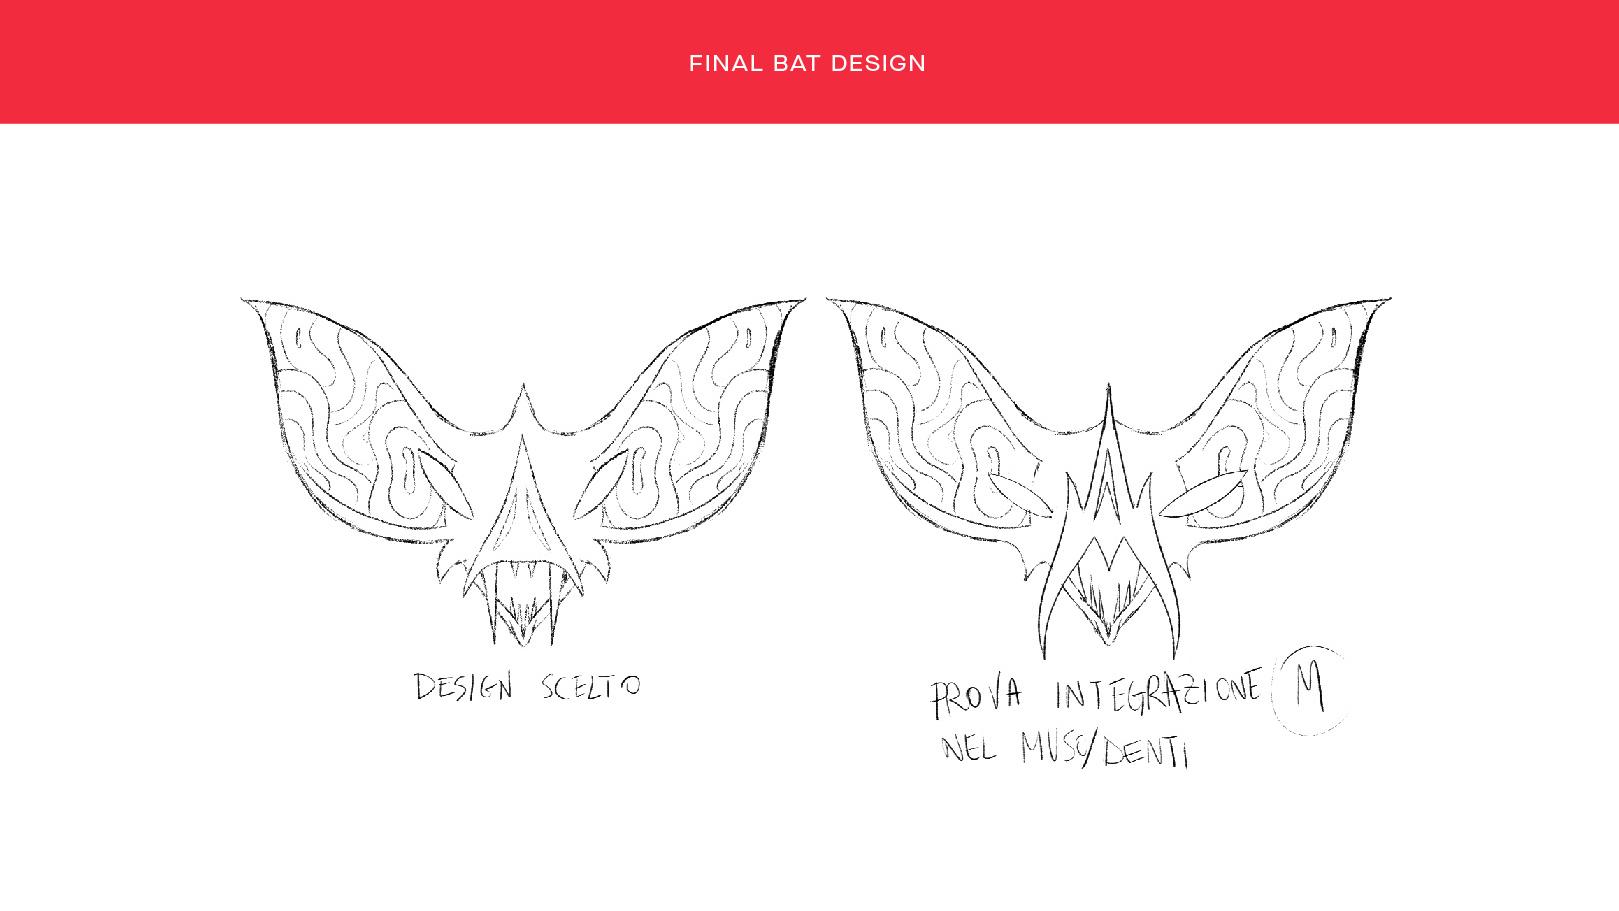 bat design 2